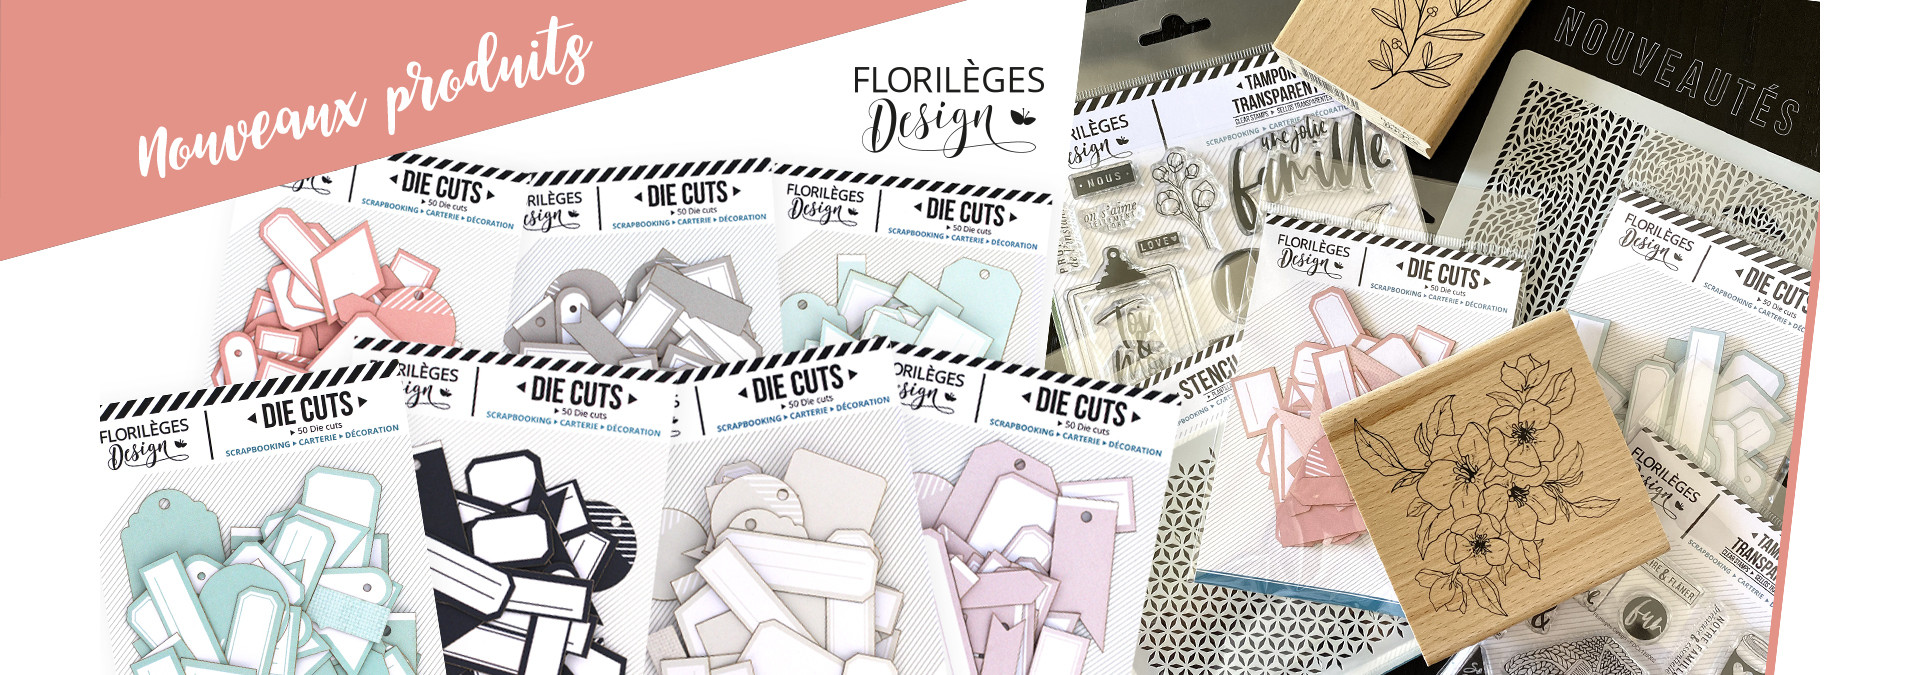 Nouveautés Florilèges Design